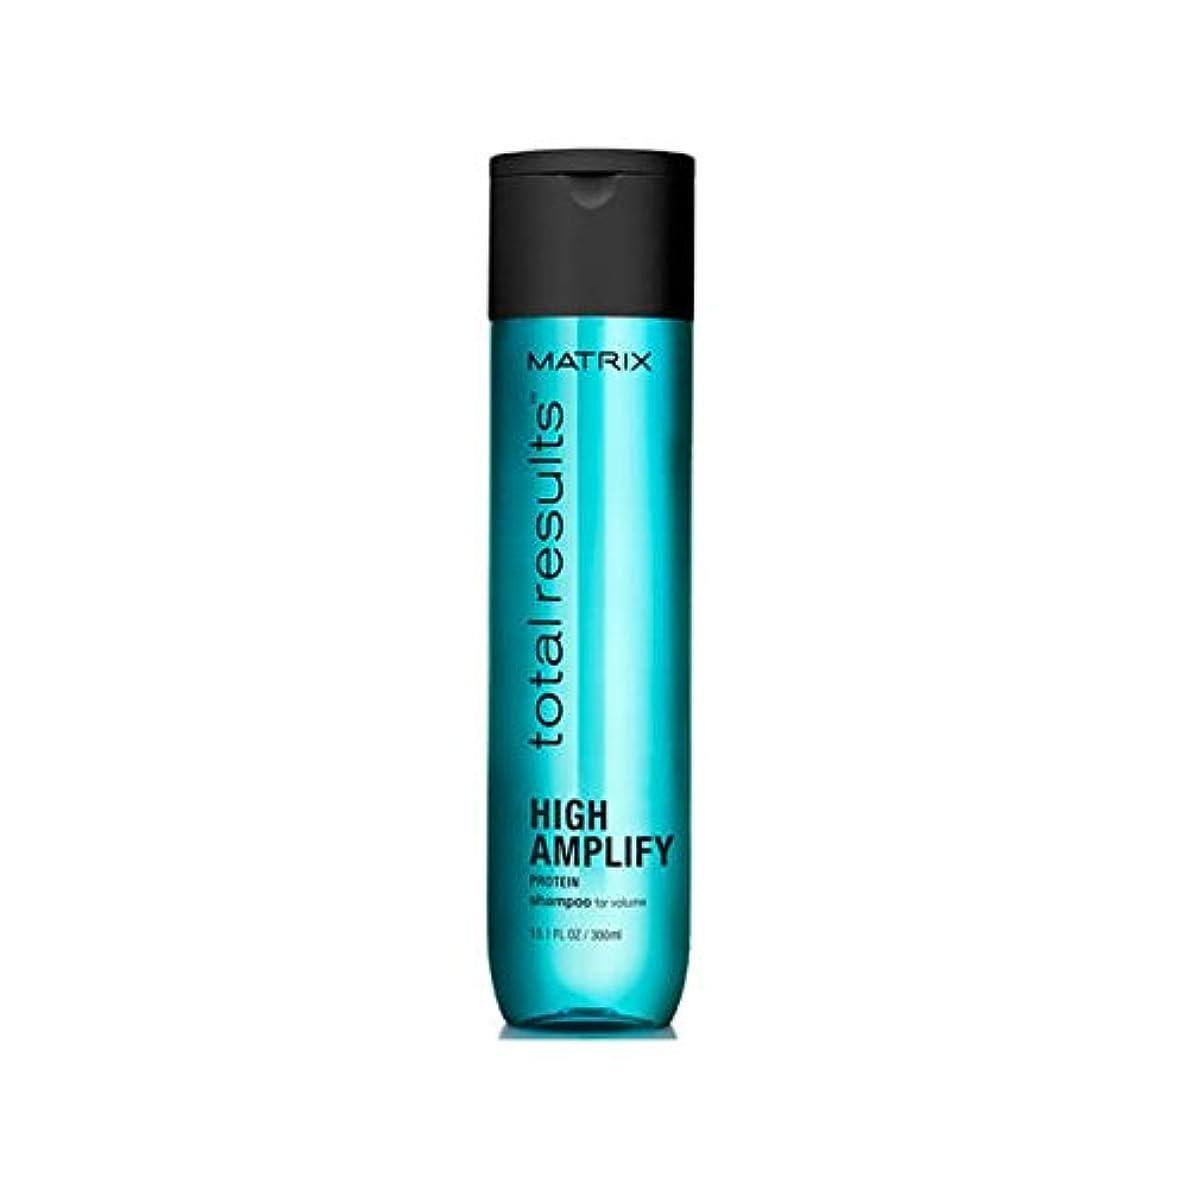 習字ゴシップ食料品店マトリックスの総結果高いシャンプー(300ミリリットル) x4 - Matrix Total Results High Amplify Shampoo (300ml) (Pack of 4) [並行輸入品]